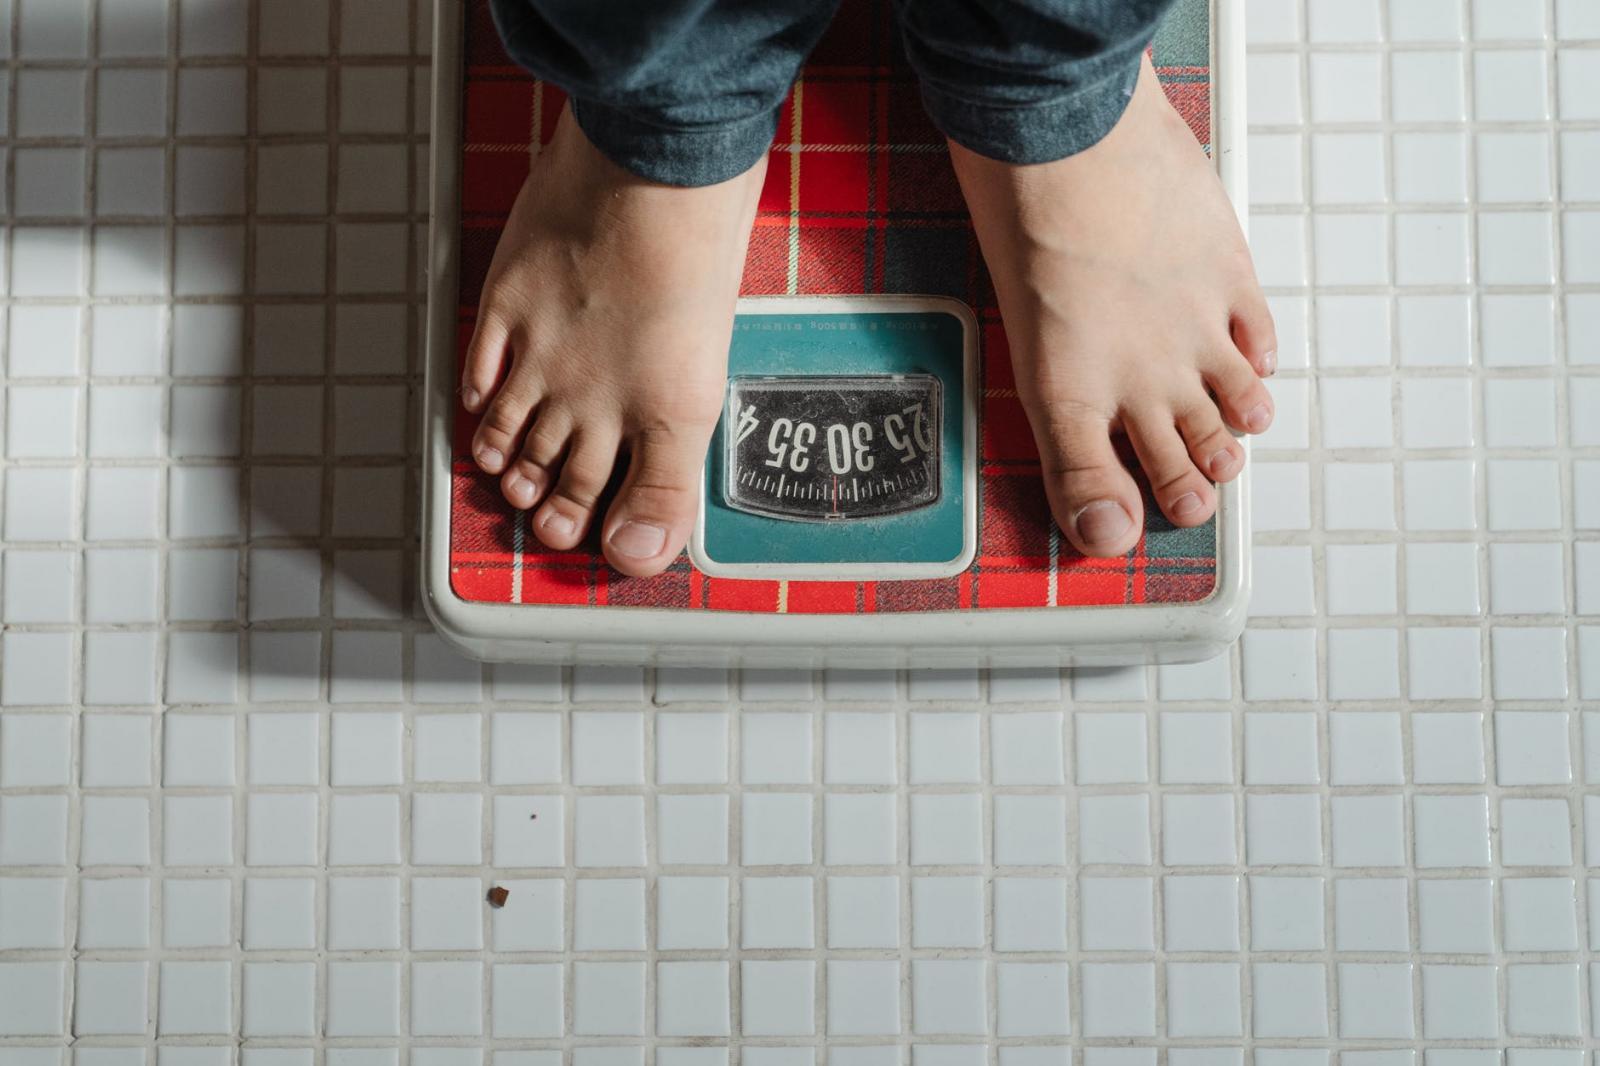 比168更有效!營養師親授「夏日無痛瘦身術」,水餃、義式燉飯竟也能變減肥餐